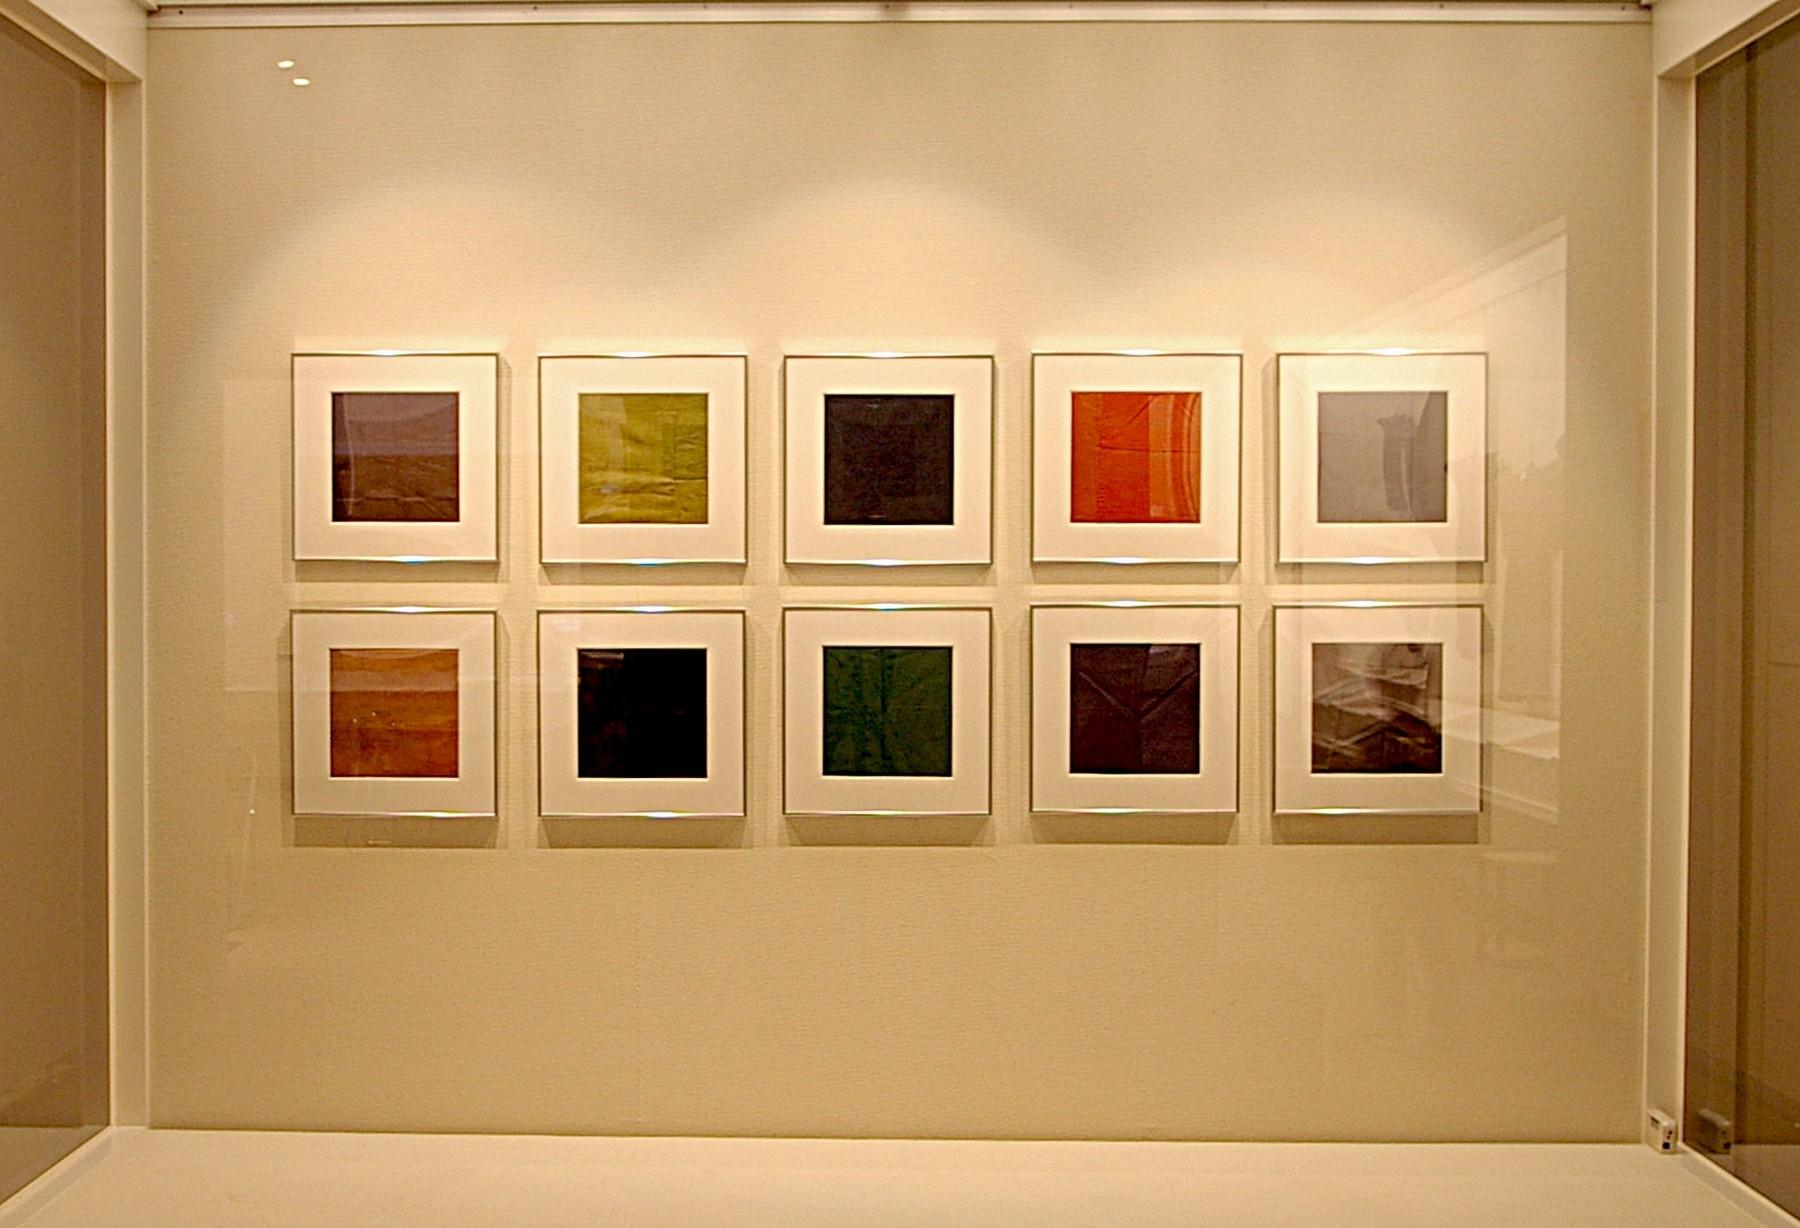 「ひきだす」と題した活動展示収蔵品展(2010年)で「はぎれ」の試験的な展示を行う。生活文化史の資料である「はぎれ」を色彩に着目した試み。